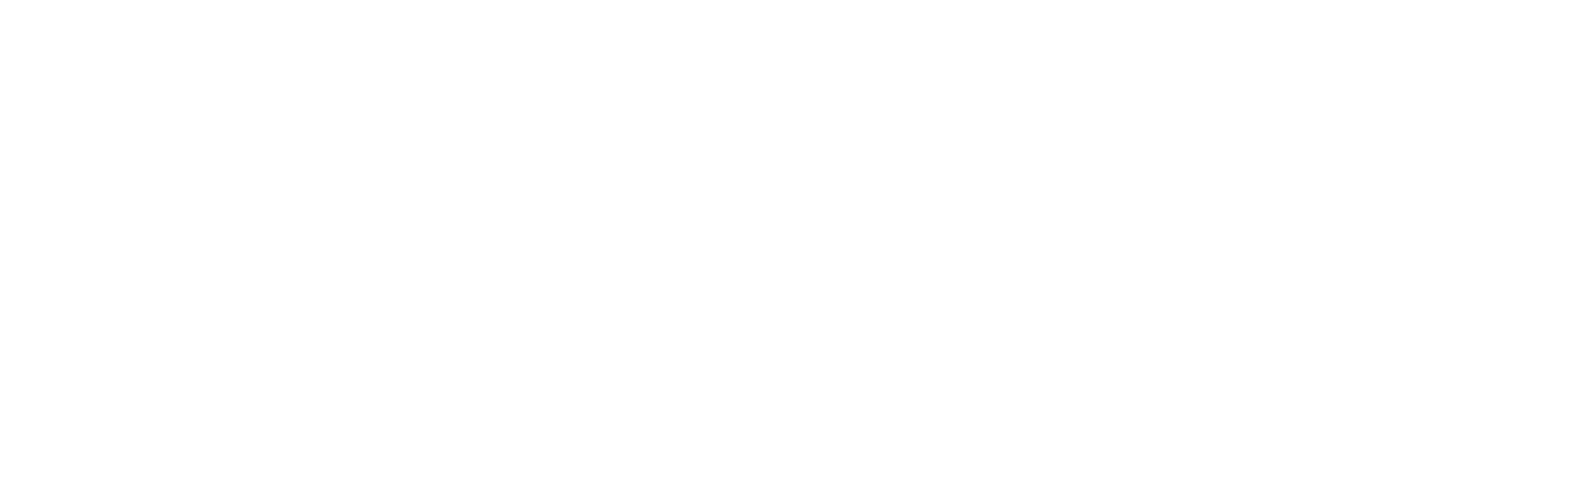 blank-banner-amroziya